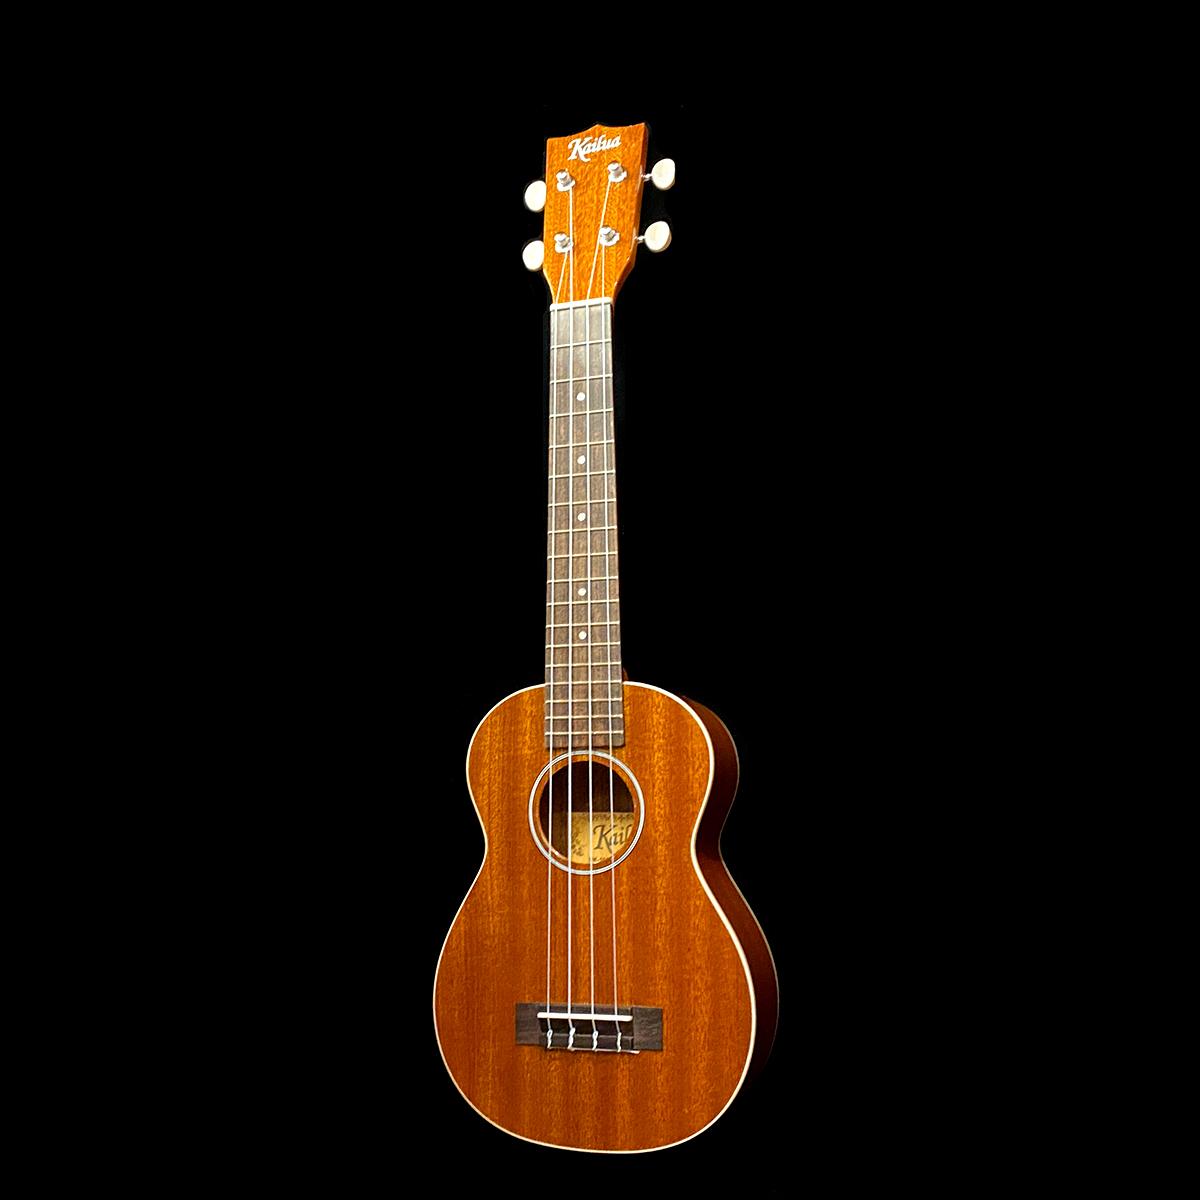 ウクレレ 新品未使用正規品 カイルア 5%OFF Kailua UK-160GL ソプラノでもコンサートサイズのような弾きやすさ ソプラノロングネック